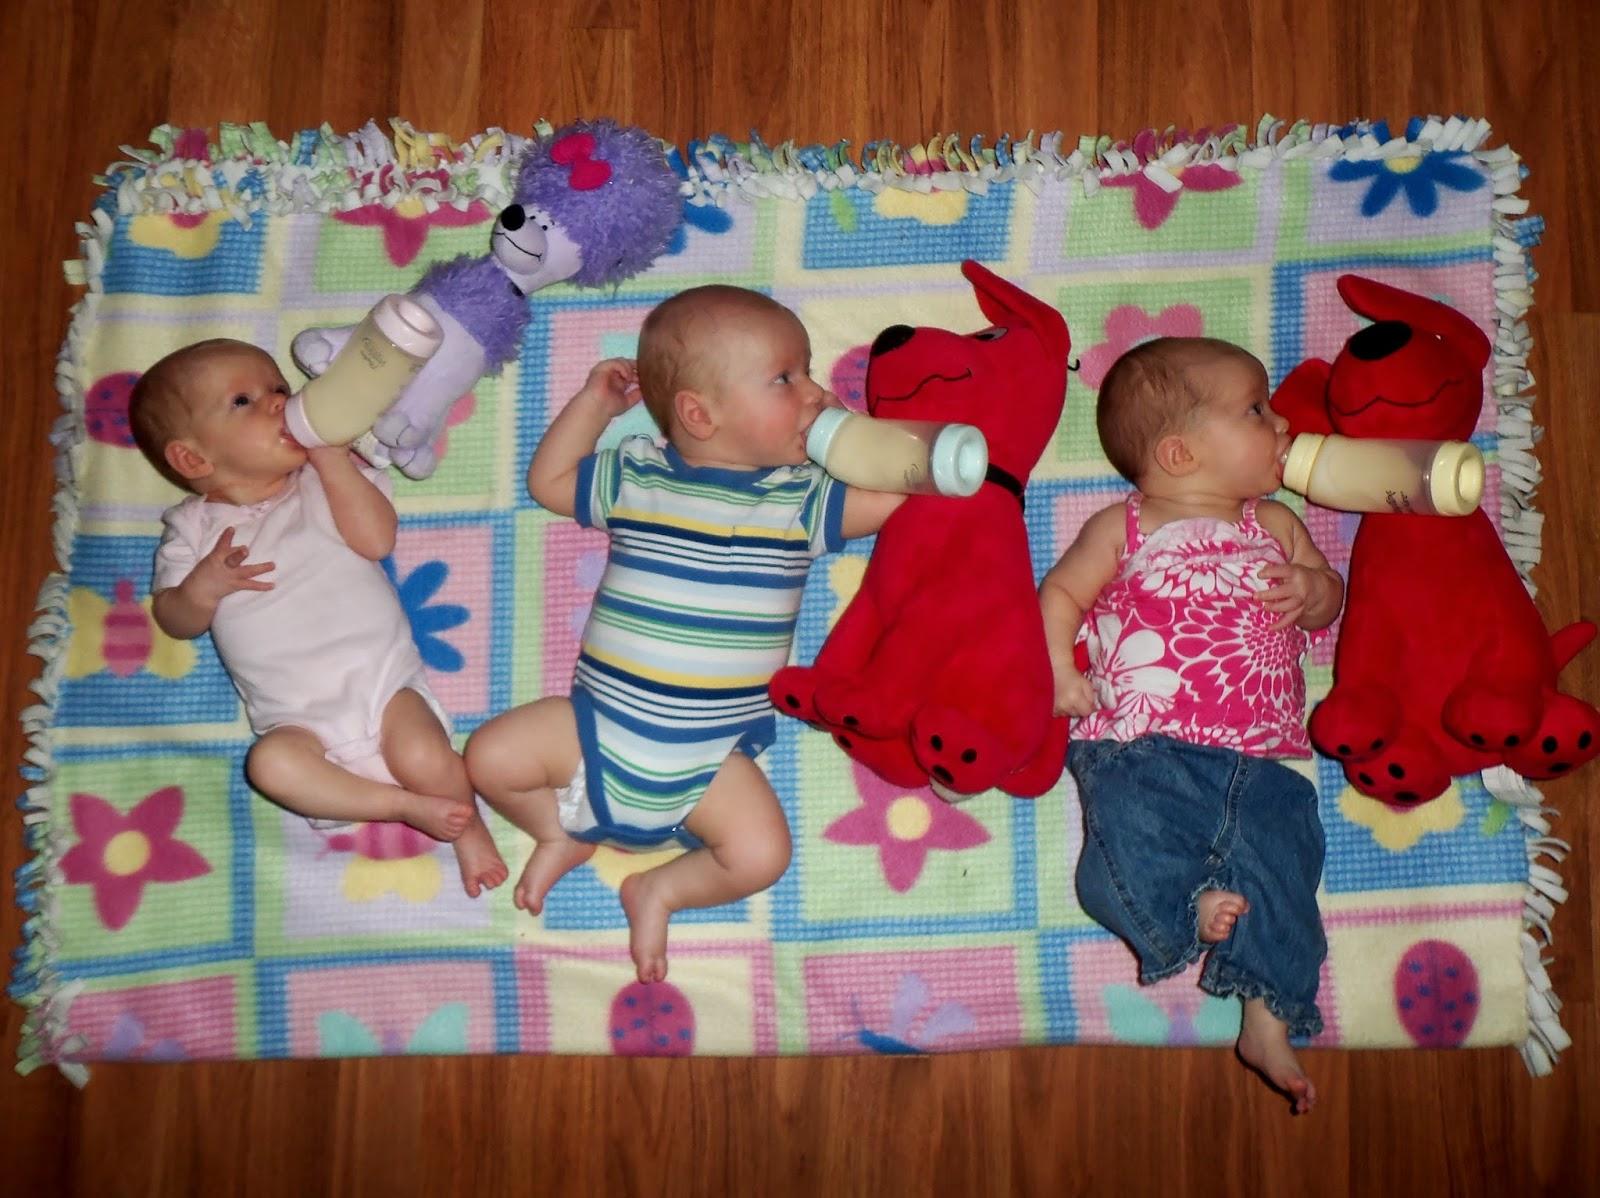 triplets toddler bottle propping. Black Bedroom Furniture Sets. Home Design Ideas